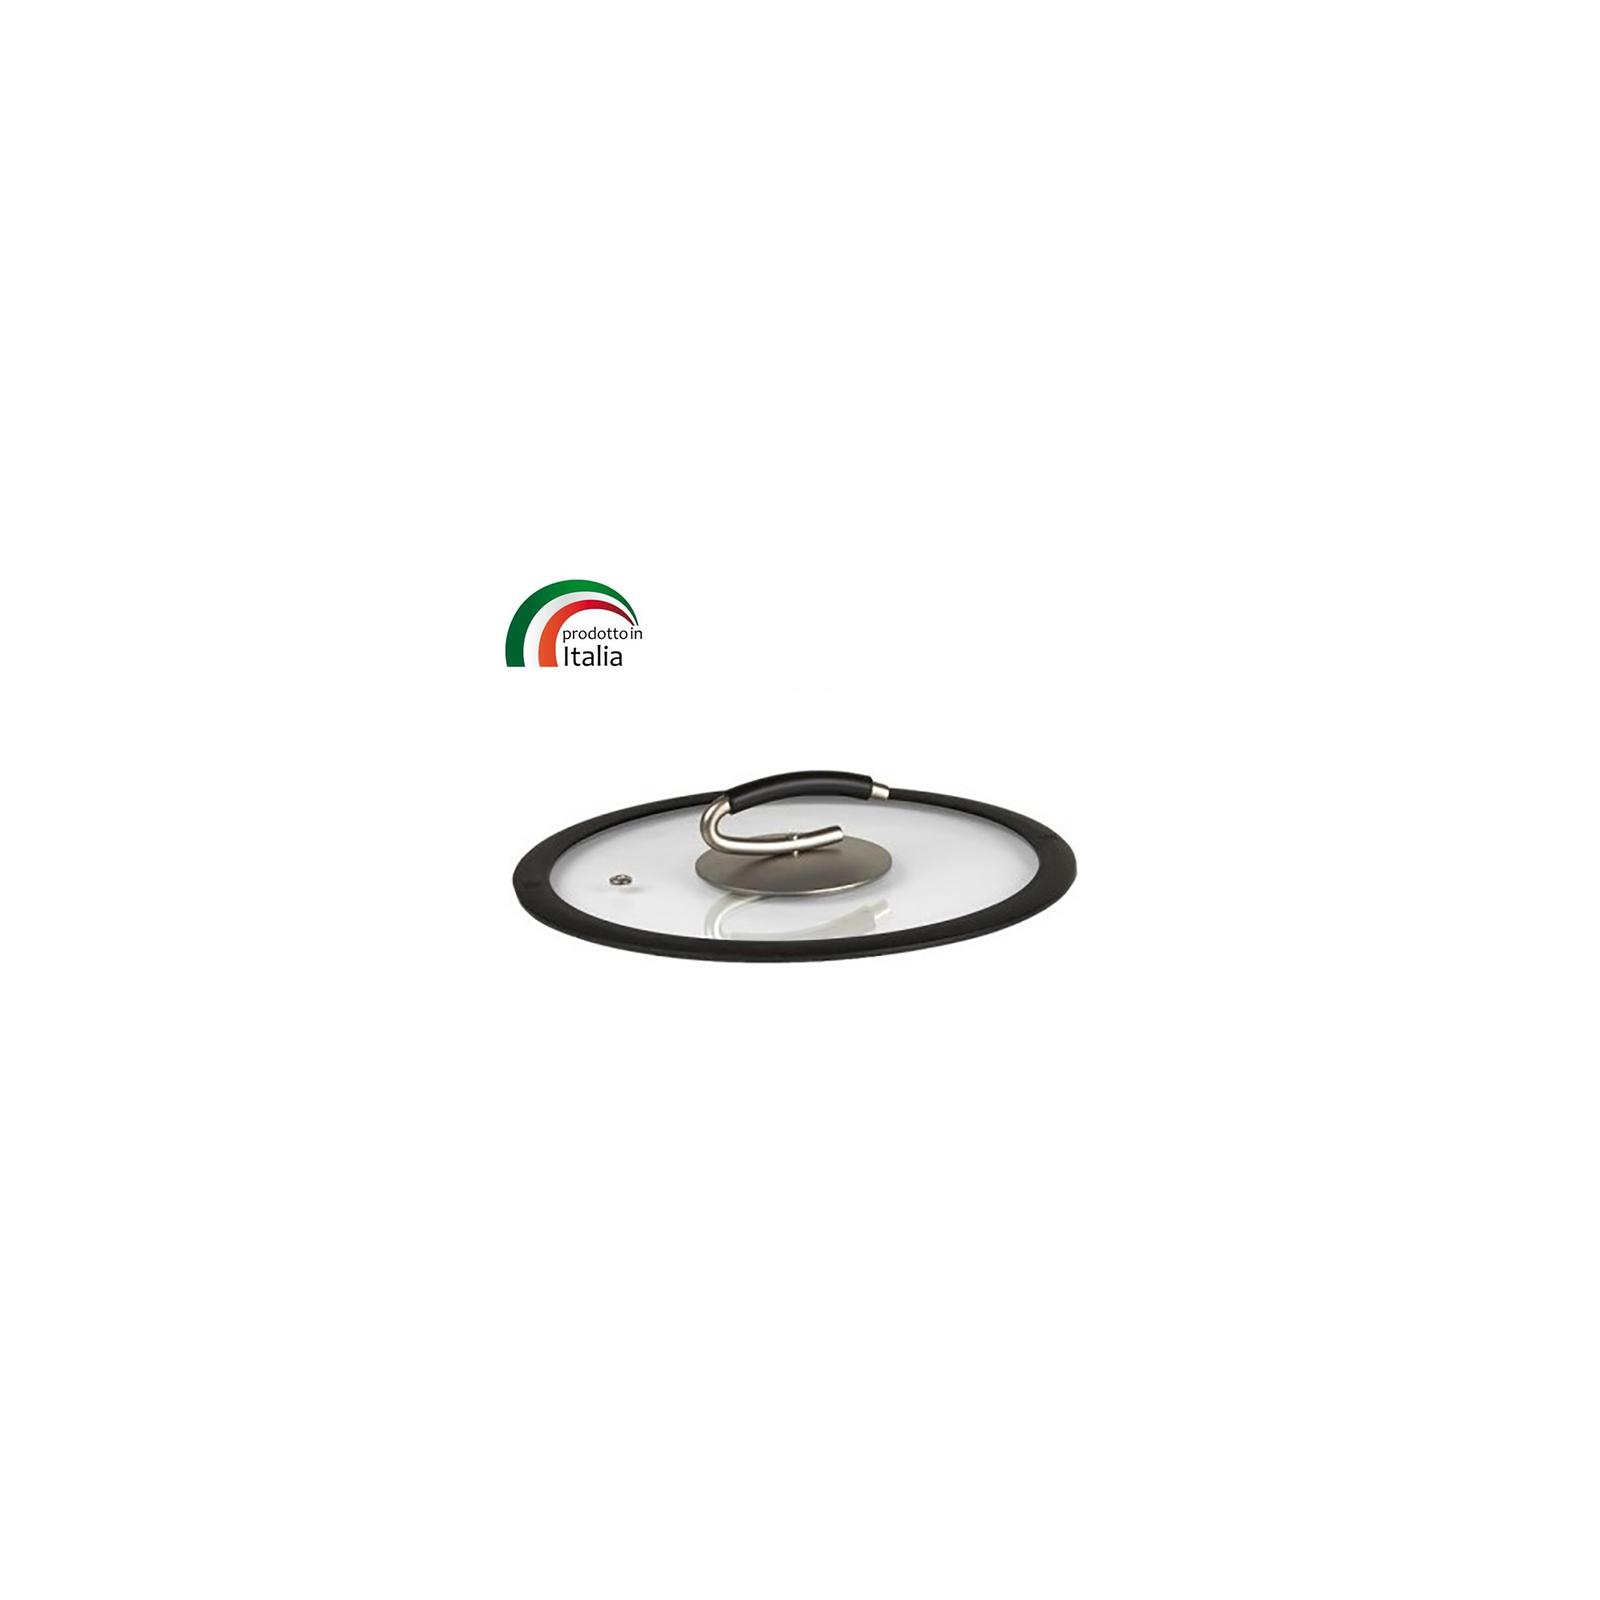 Крышка для посуды TVS Gran Gurmet 24 см (9465124003G702)